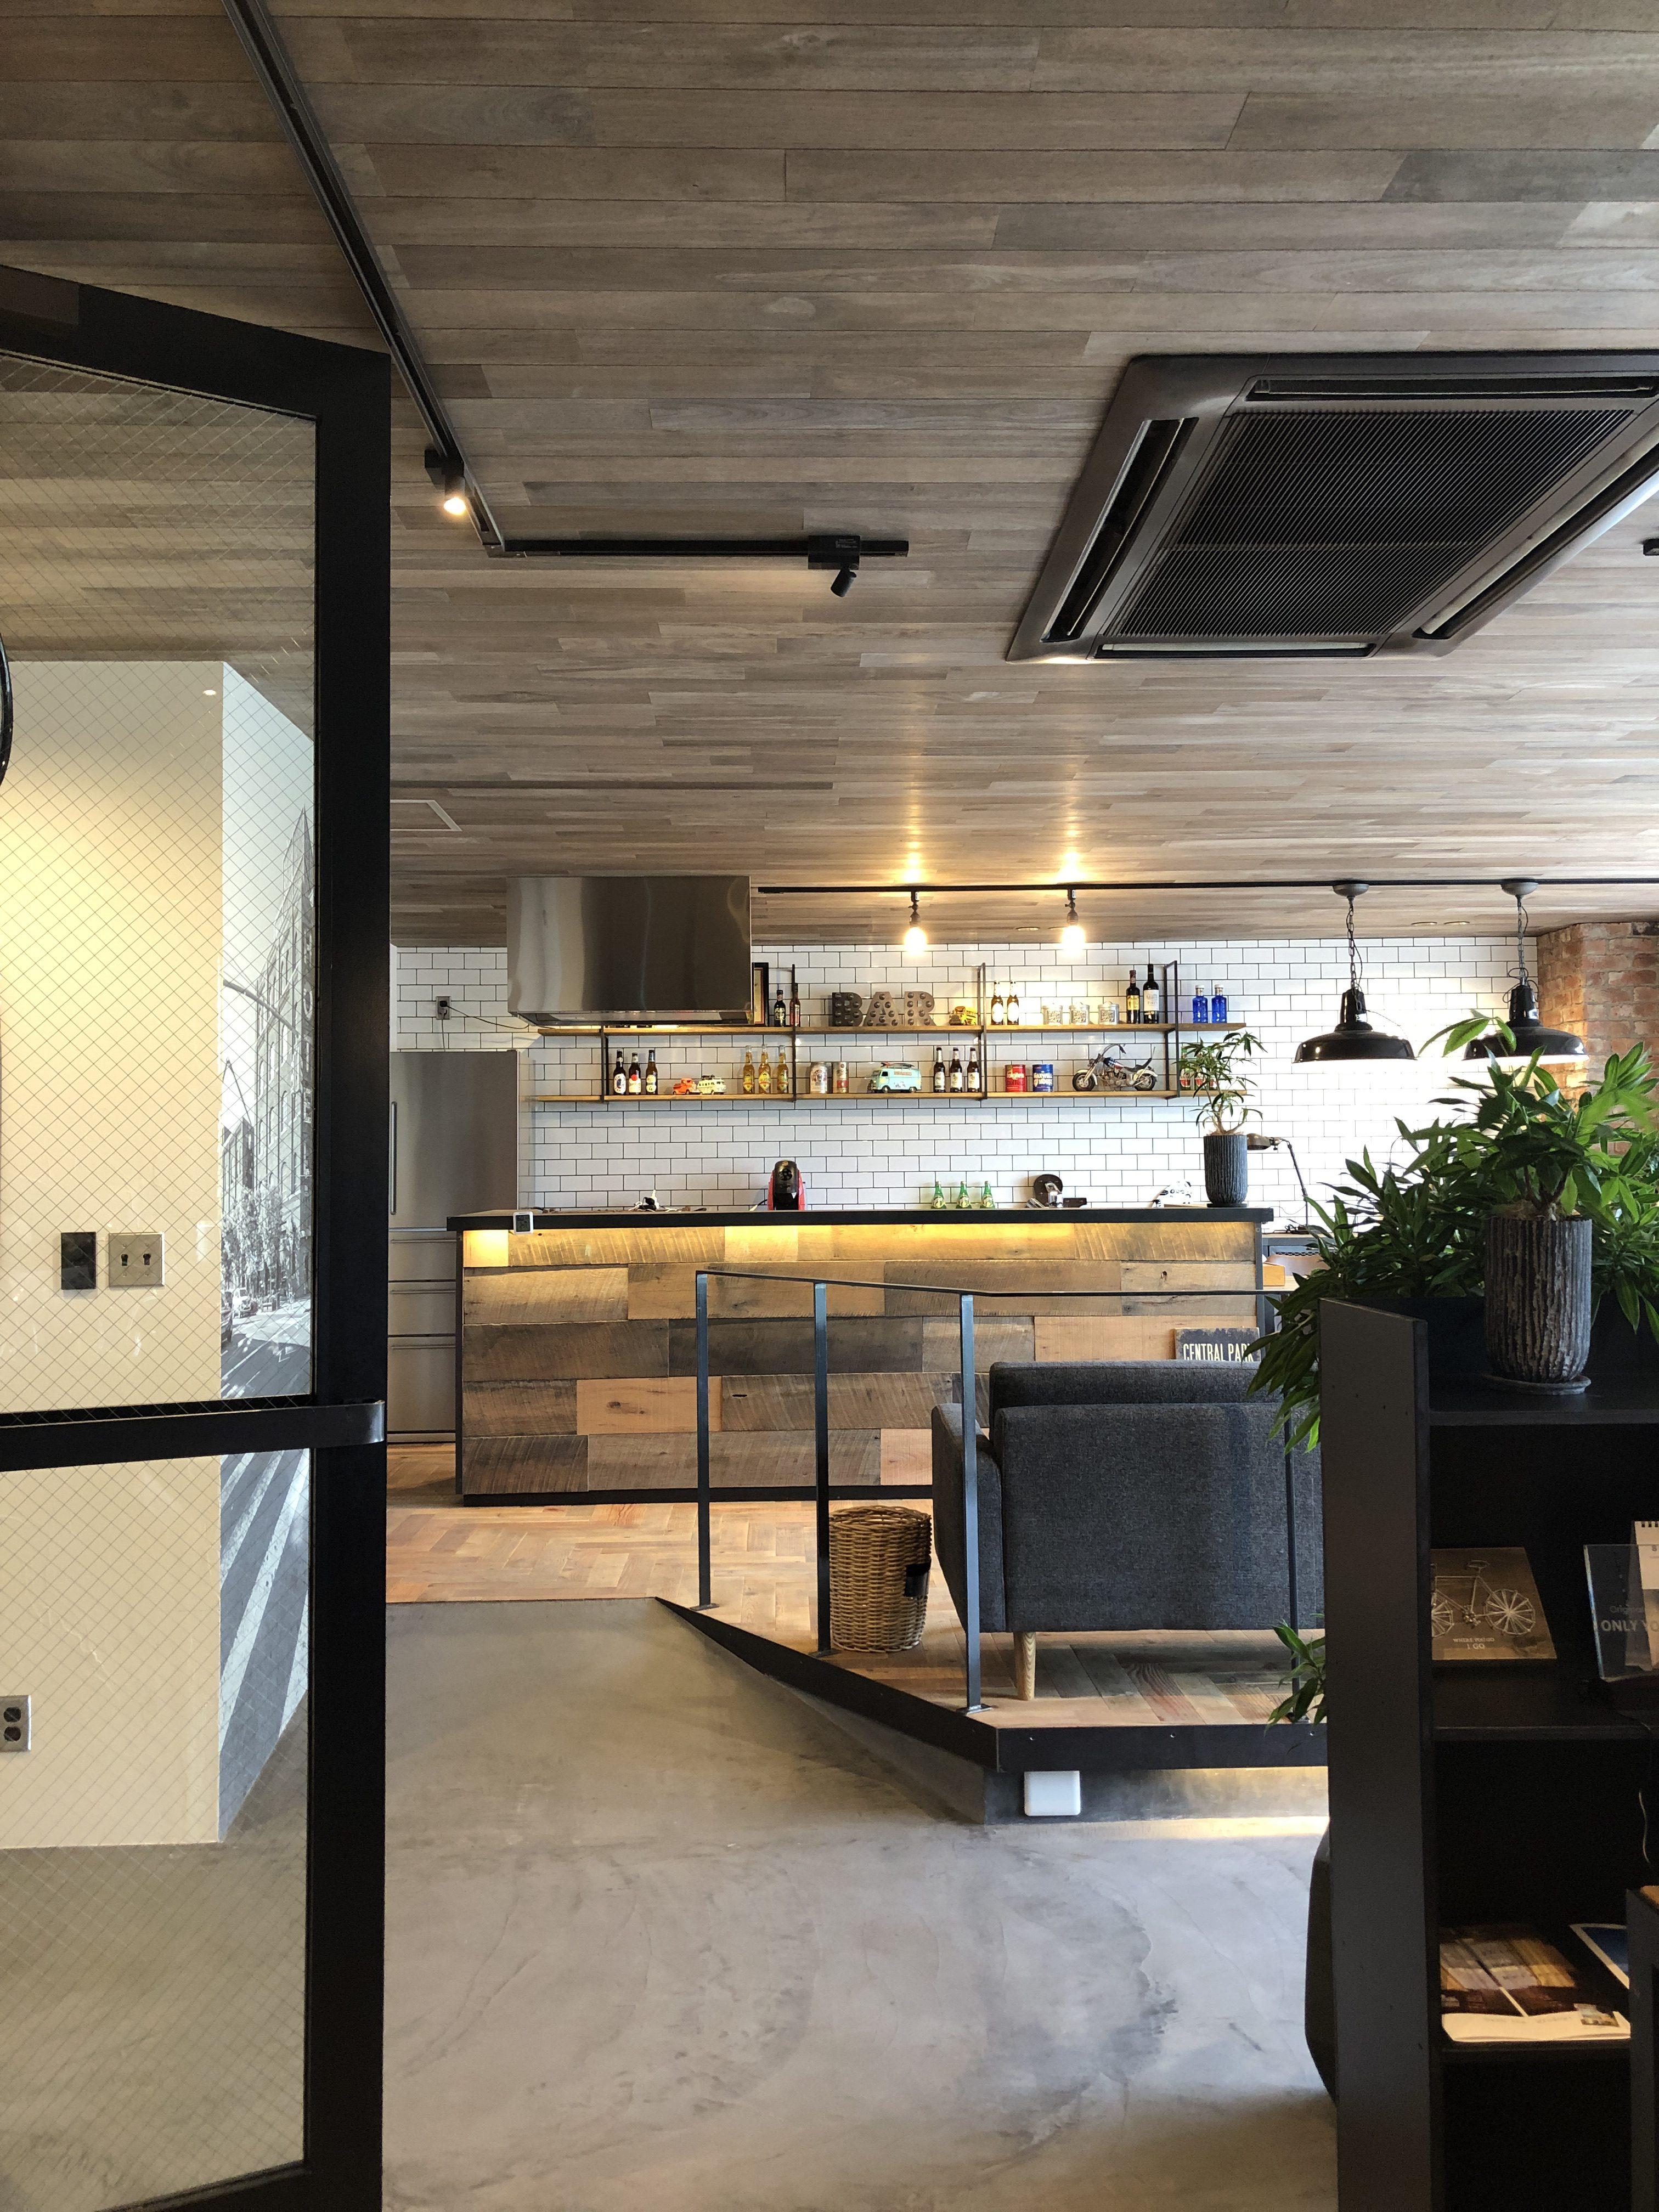 山梨県の工務店、未来建築工房とつくる注文住宅。|オンリーユーホーム 新店舗オープン!